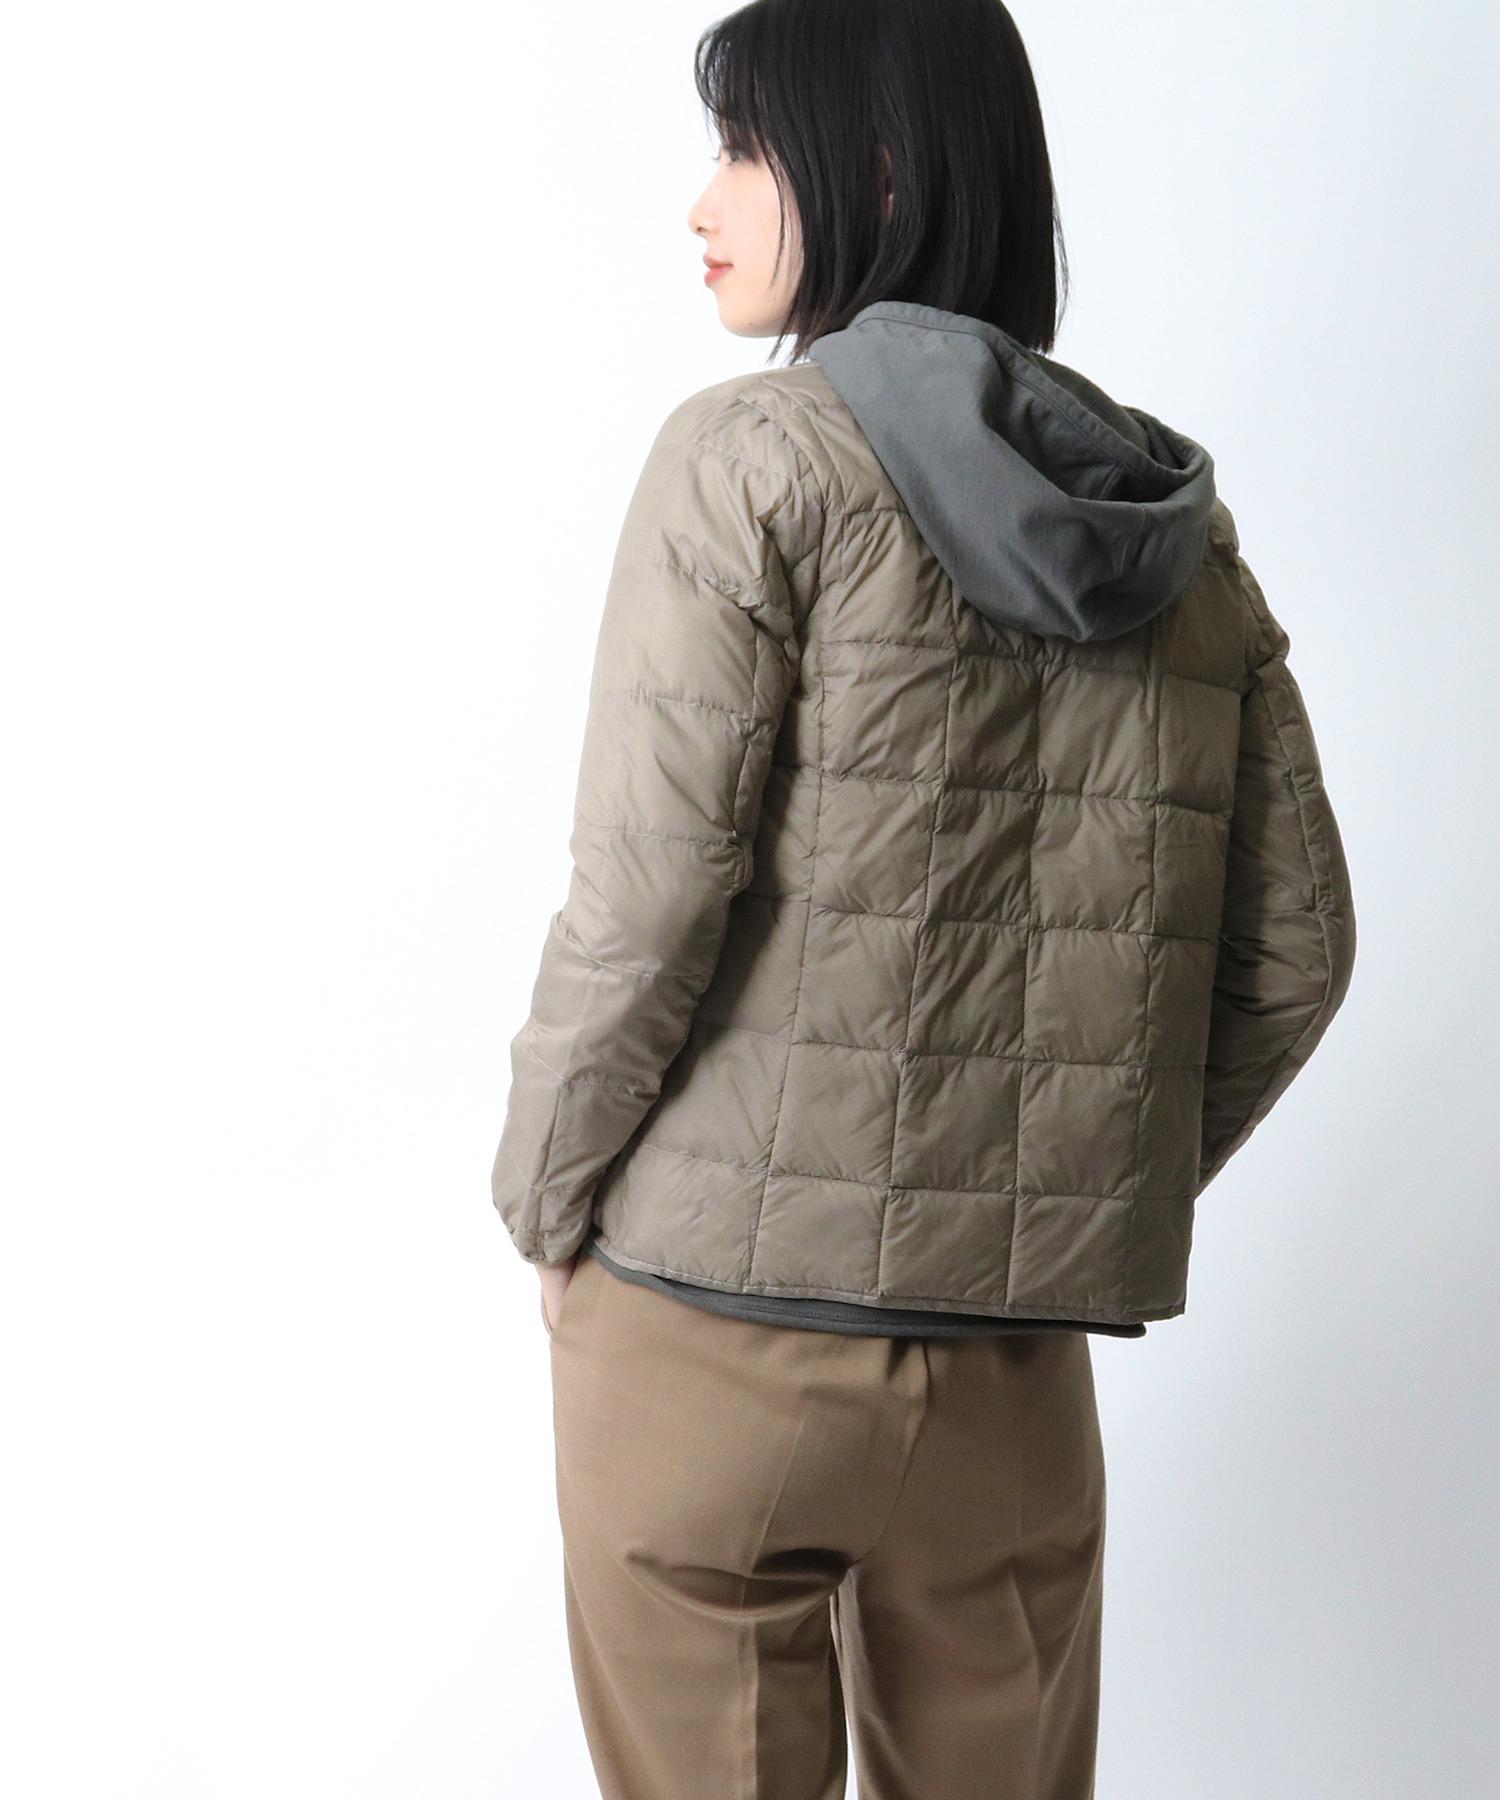 【 TAION / タイオン 】クルーネックフロントボタンダウンジャケット  TAION-W104‥